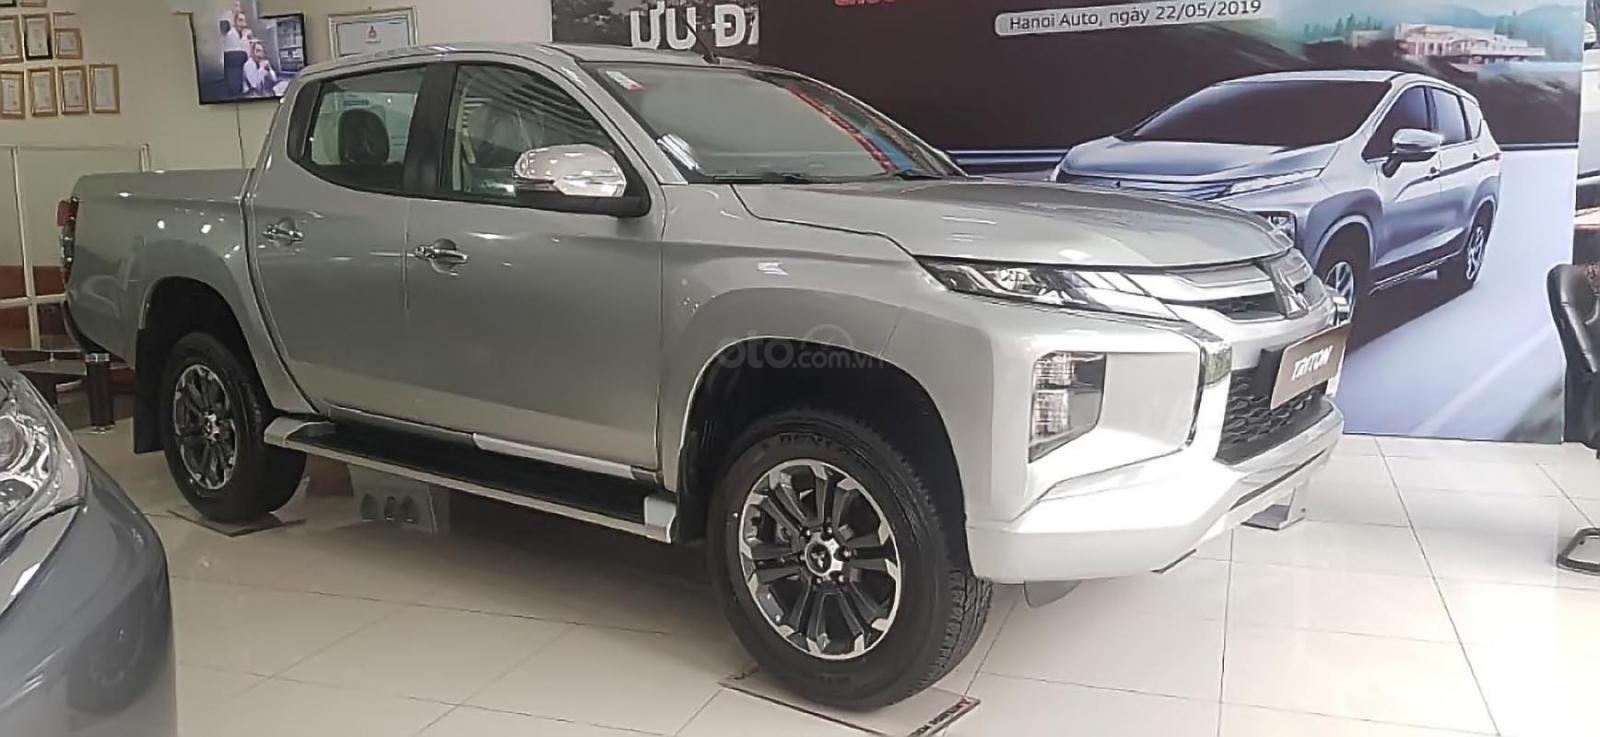 Cần bán Mitsubishi Triton 4X2 AT MIVEC sản xuất 2019, màu bạc, xe nhập giá cạnh tranh-3